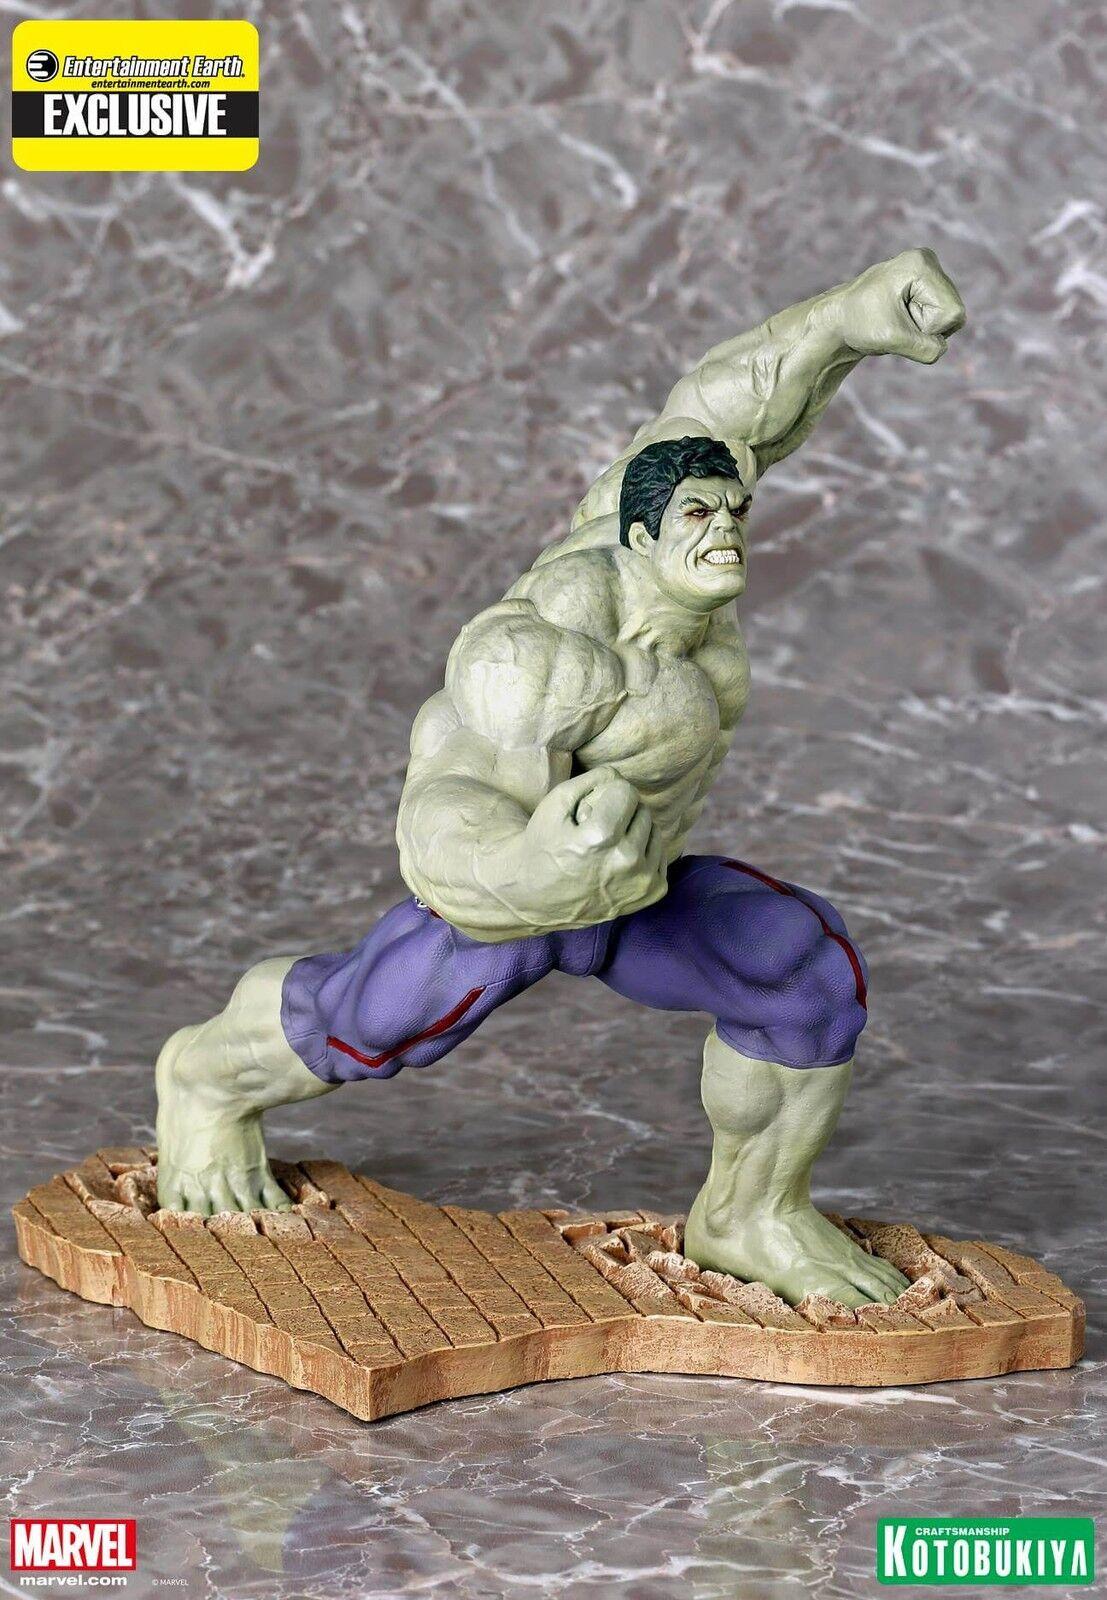 Avengers Age of Ultron Rampaging Hulk ArtFX Statue -EE Exclusive KOTOBUKIYA